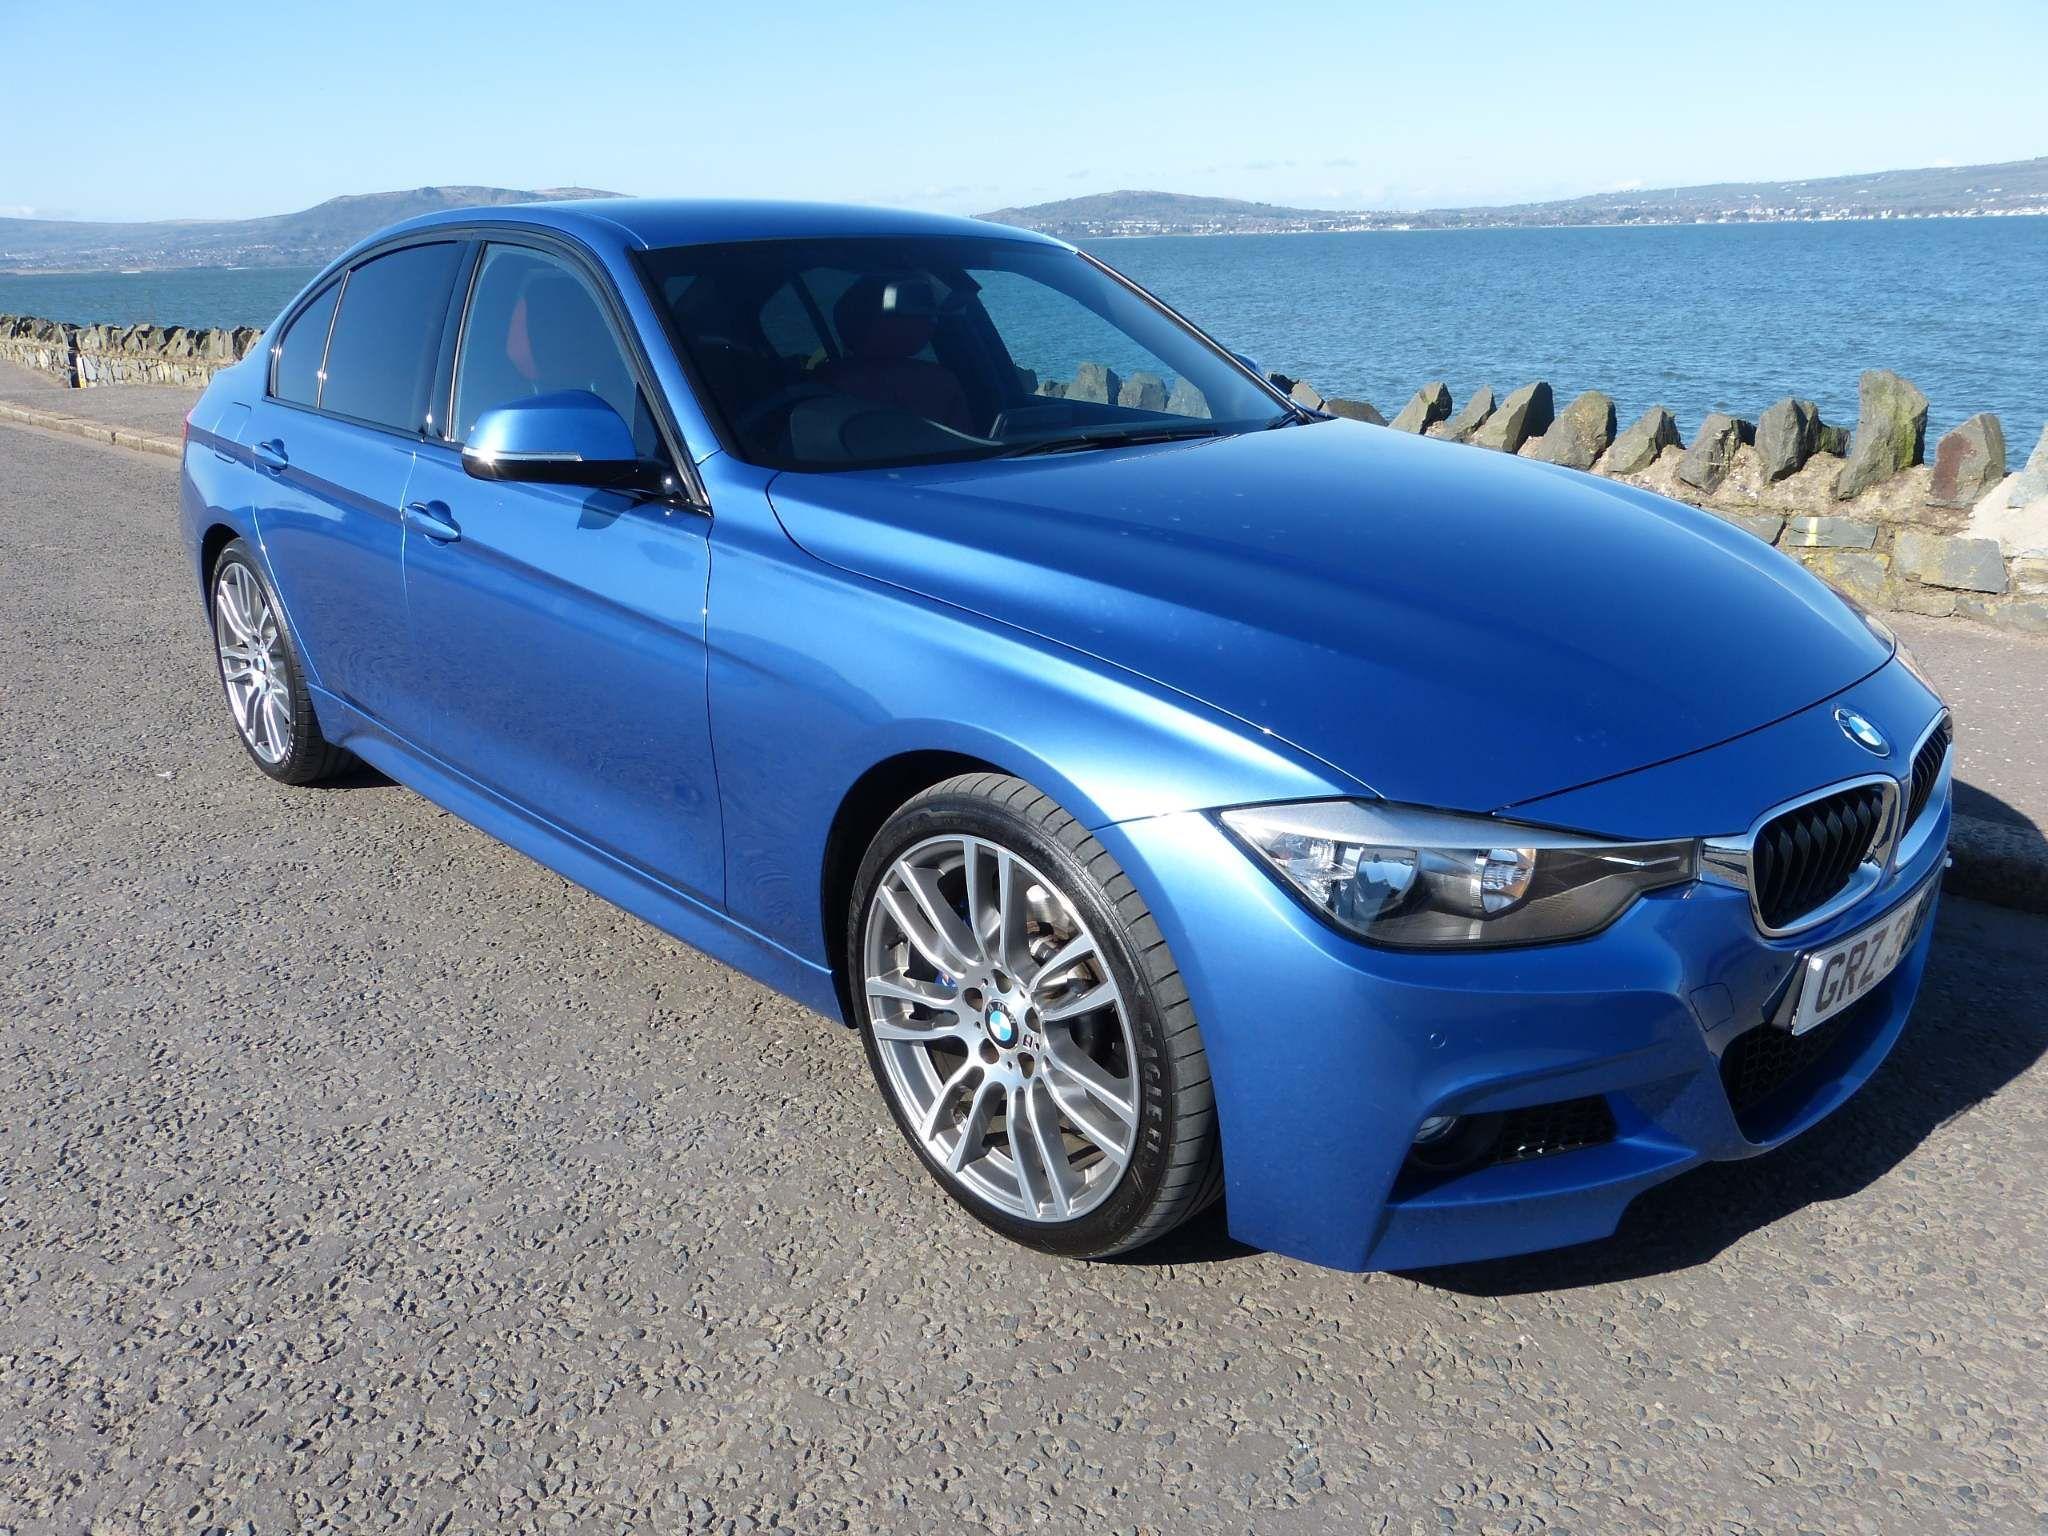 2013 BMW 3 Series 2.0 328i M Sport (s/s) Petrol Manual  – Beechlawn Motors Belfast